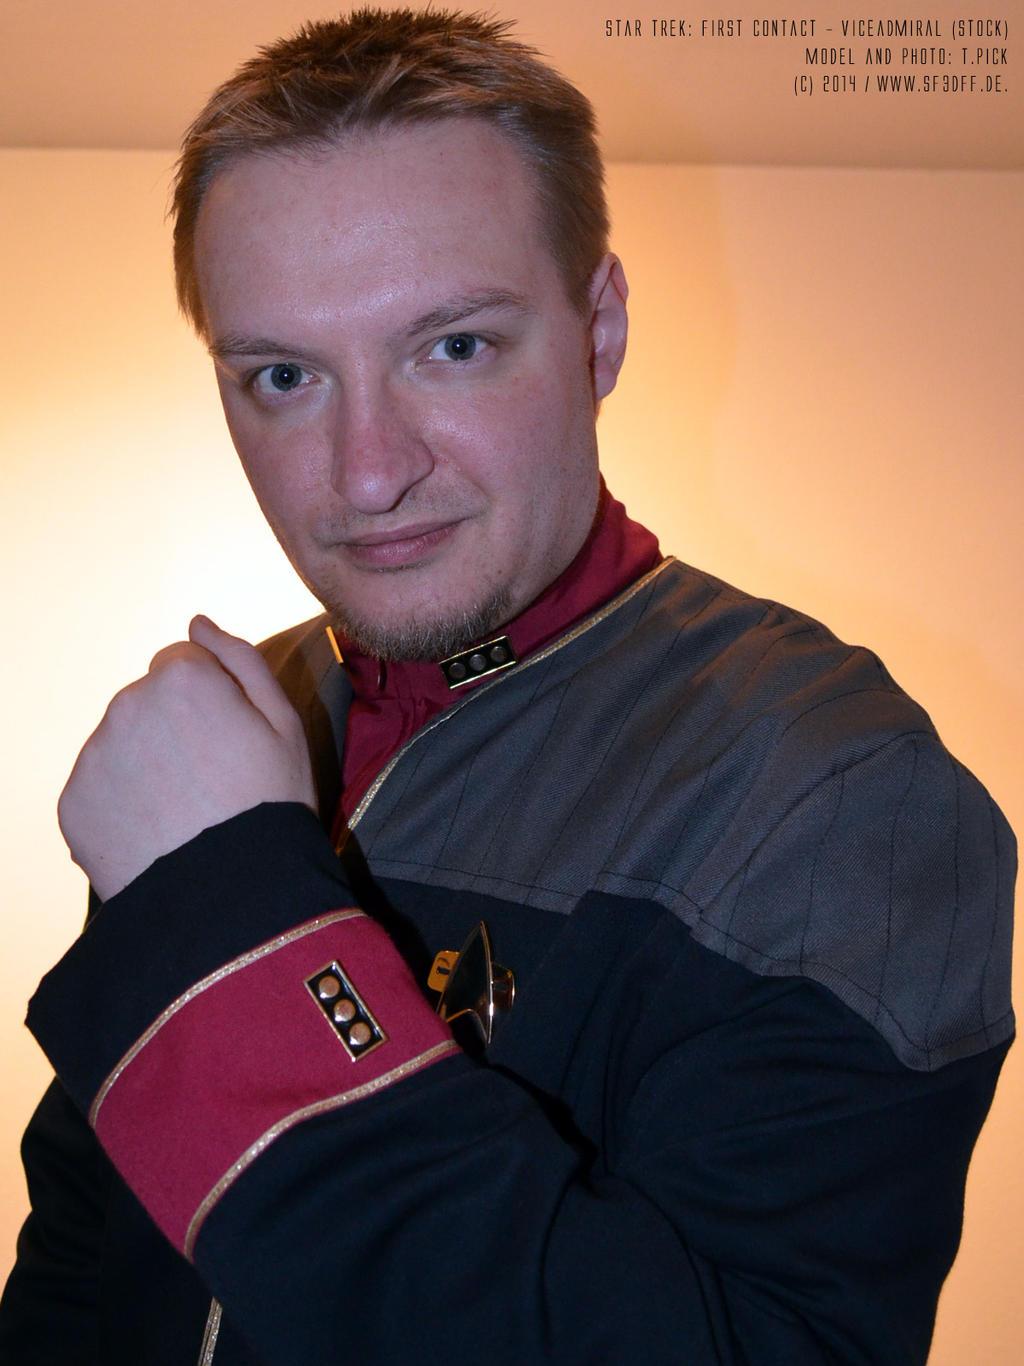 Star Trek: First Contact - Viceadmiral (STOCK) 9 by Joran-Belar